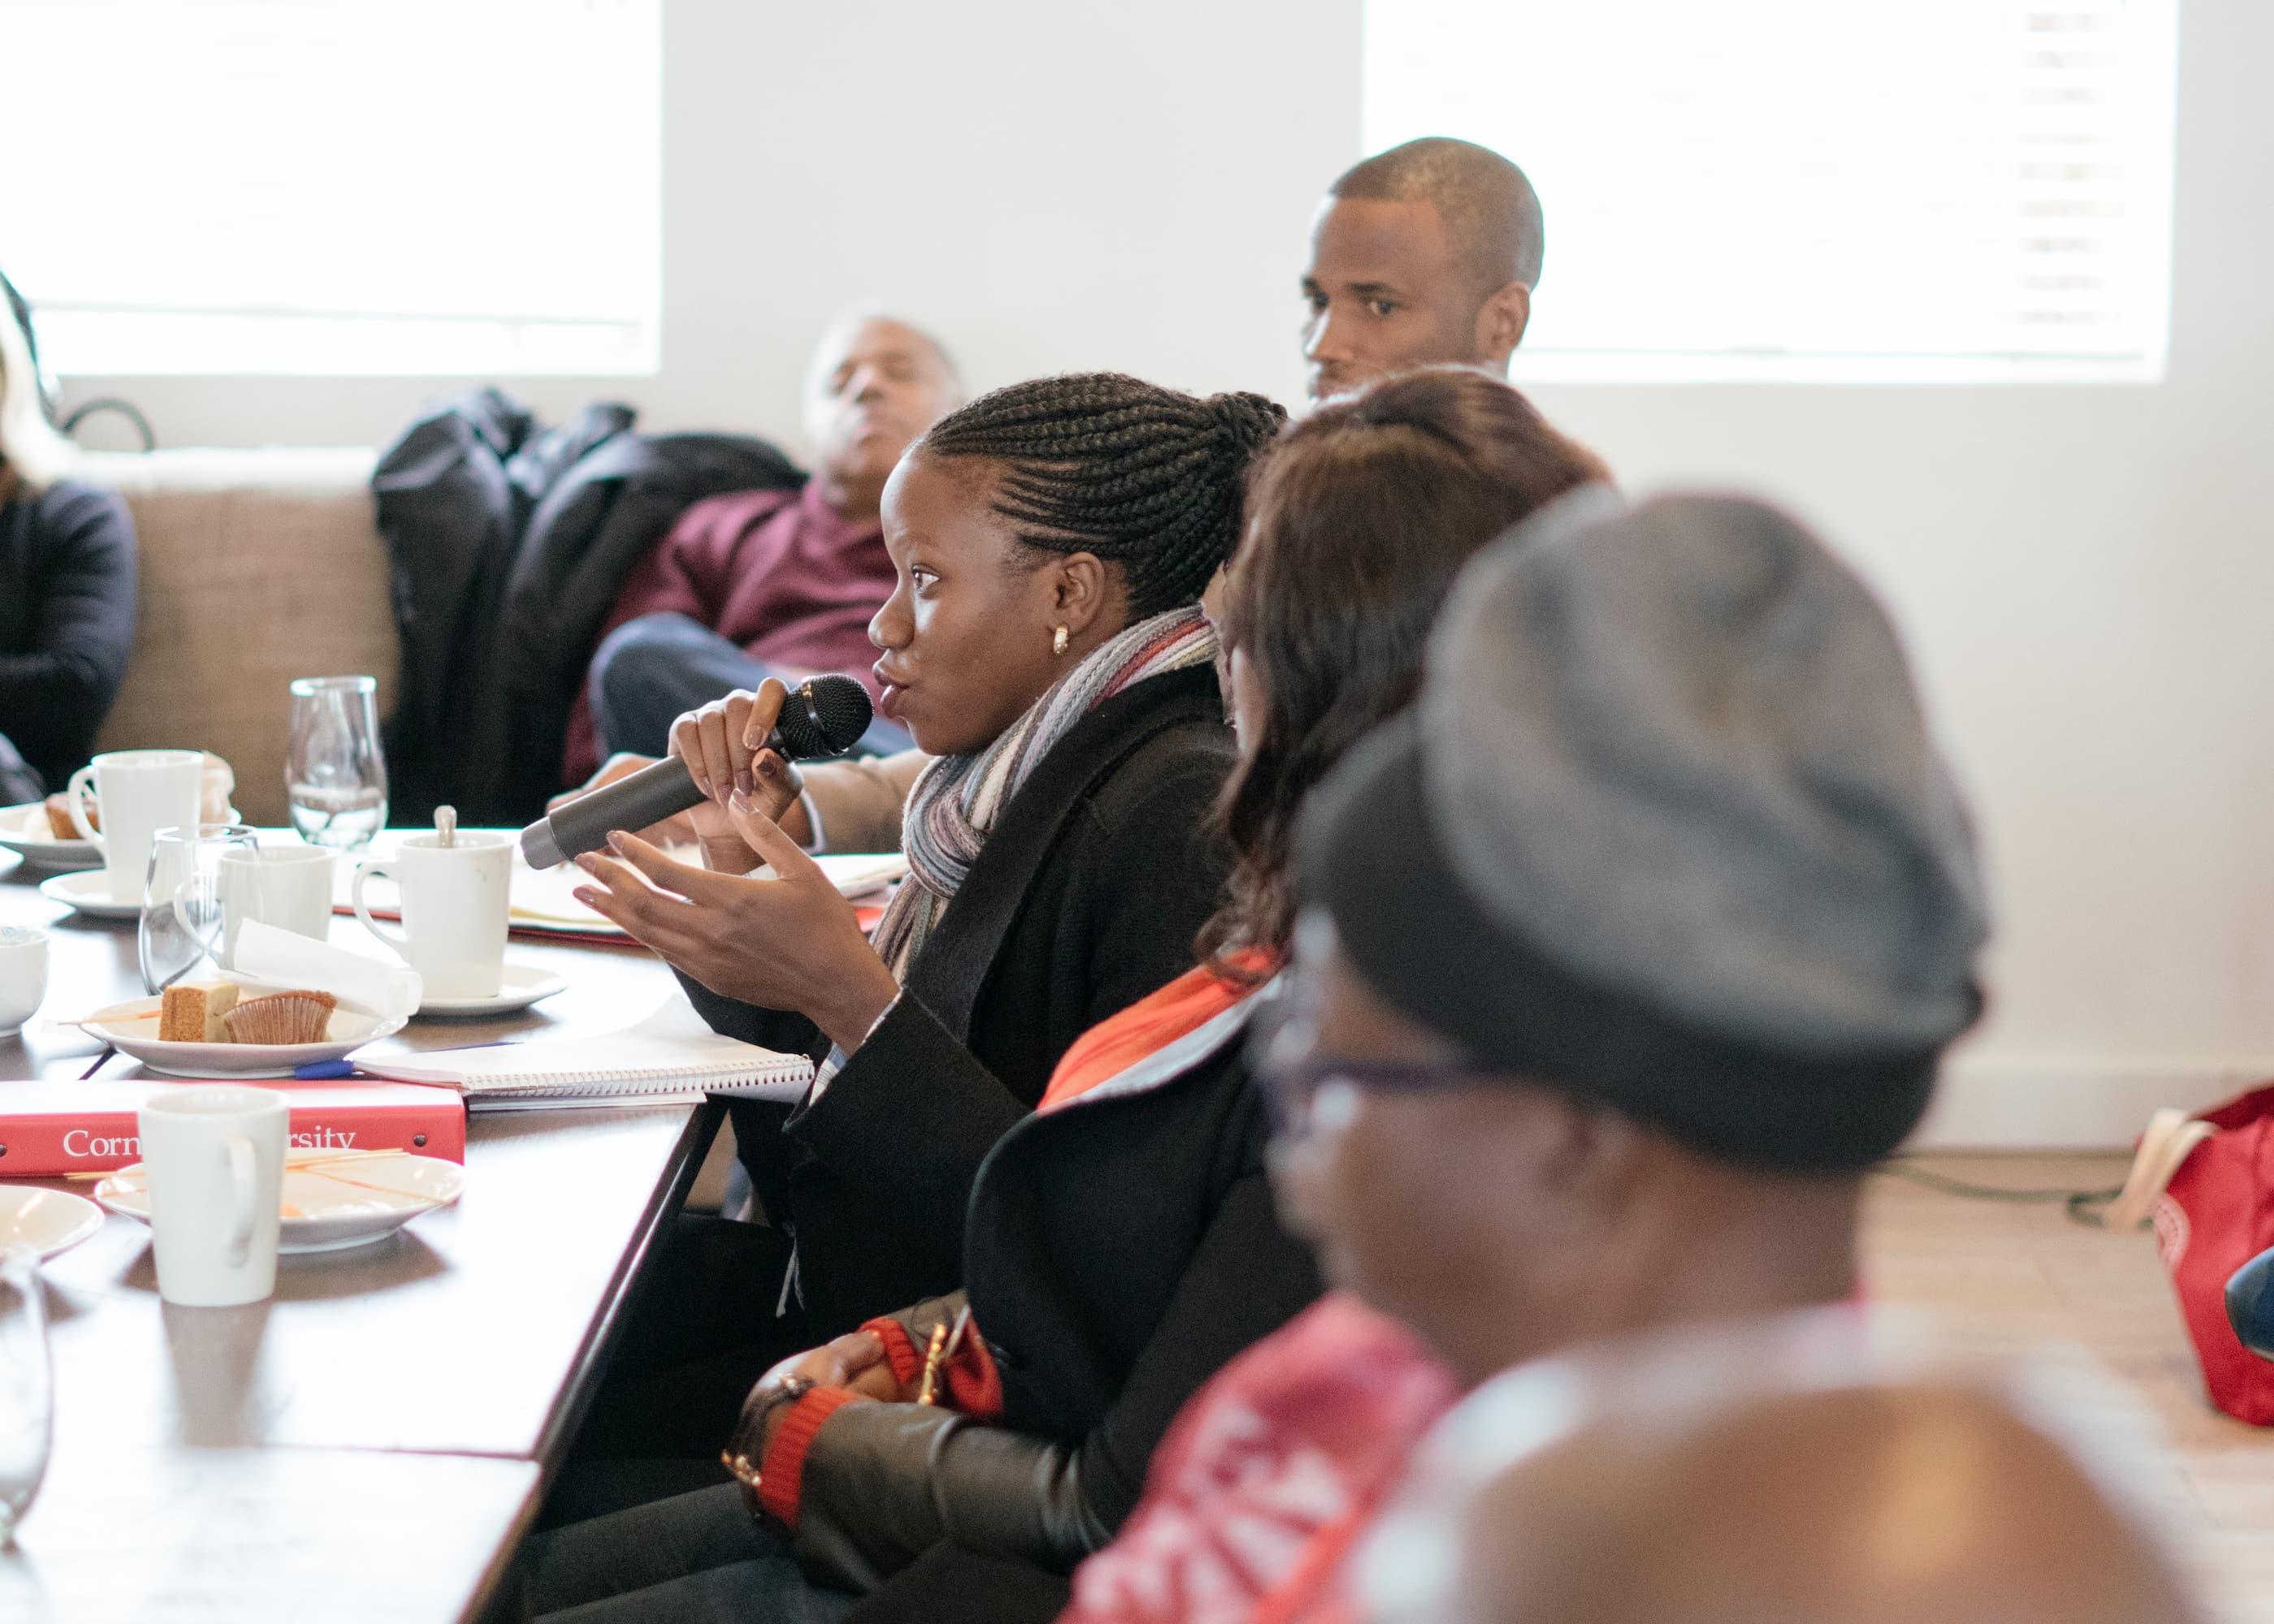 Une femme en veste noire est assise à une table et parle dans un microphone. D'autres, assis à la table, l'écoutent.